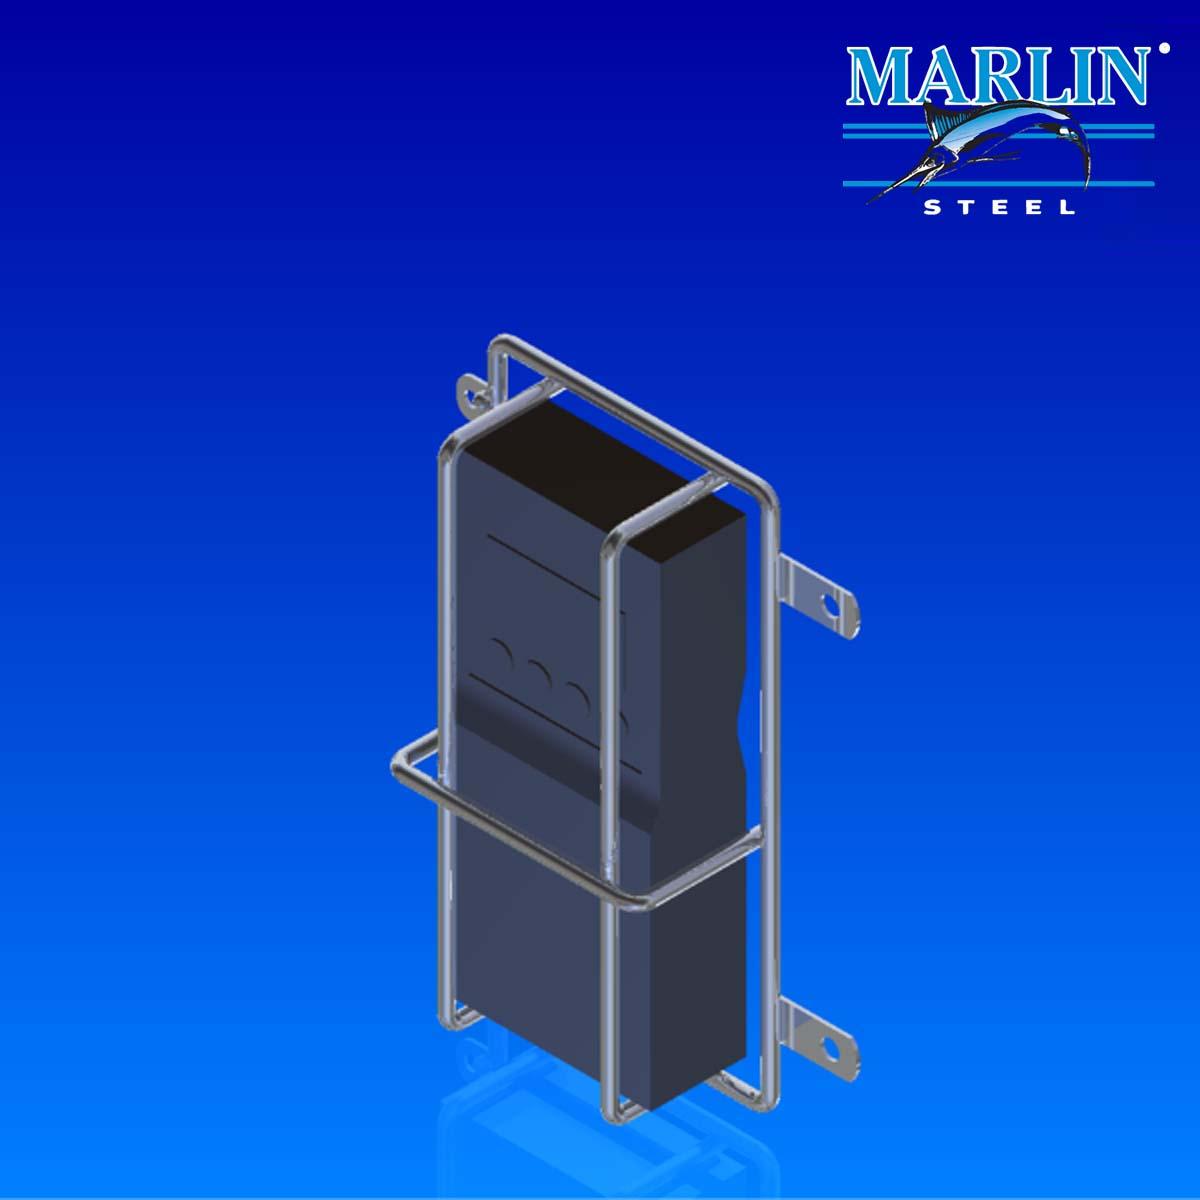 Marlin Steel Wire Basket 728001.jpg